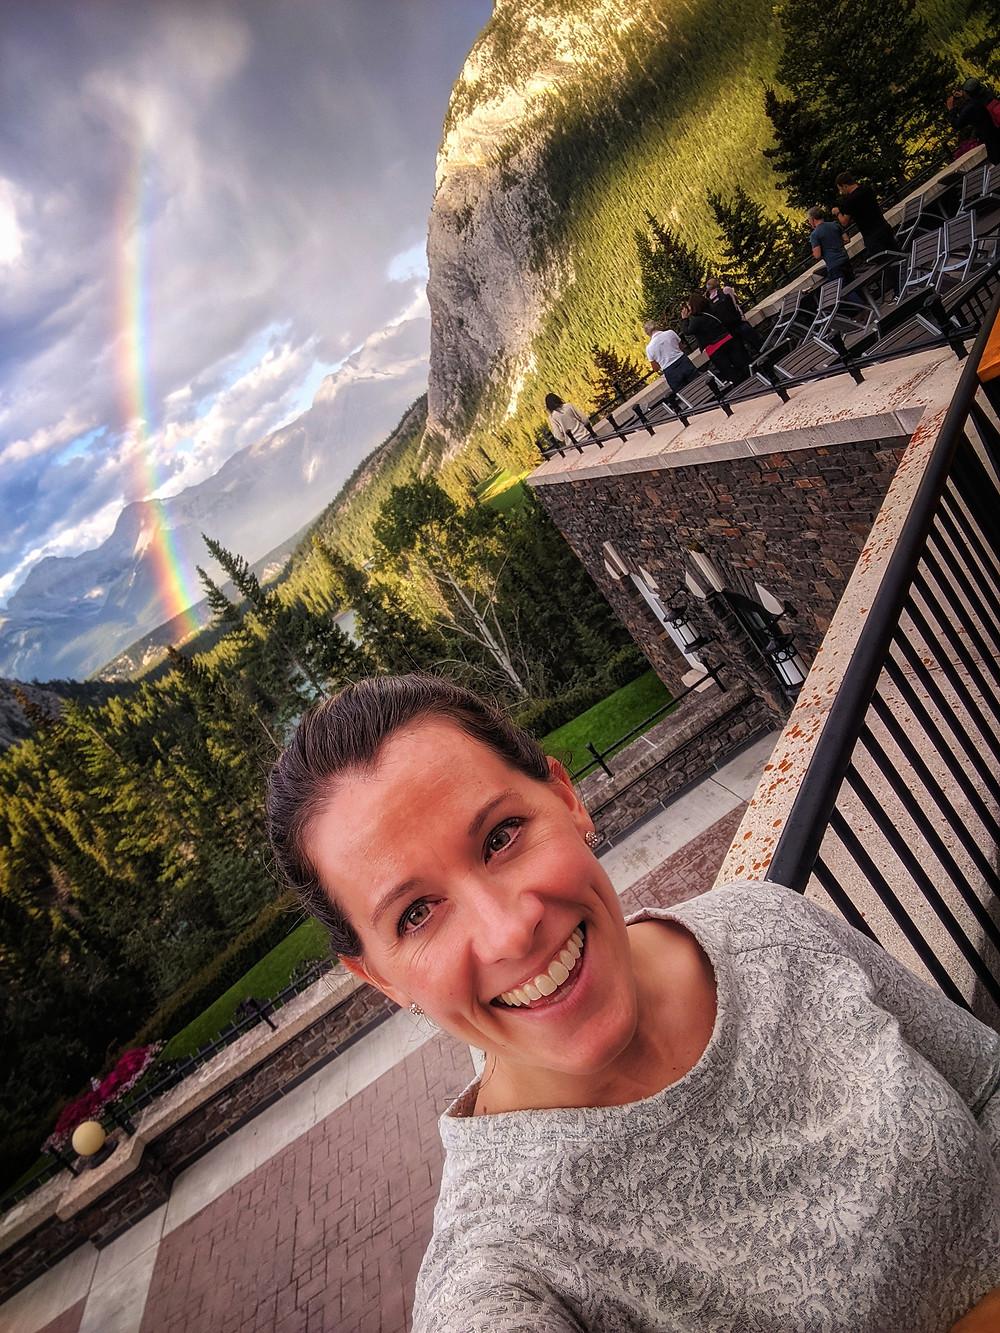 rainbow, Banff, Canada, Banff Hotel, mountains